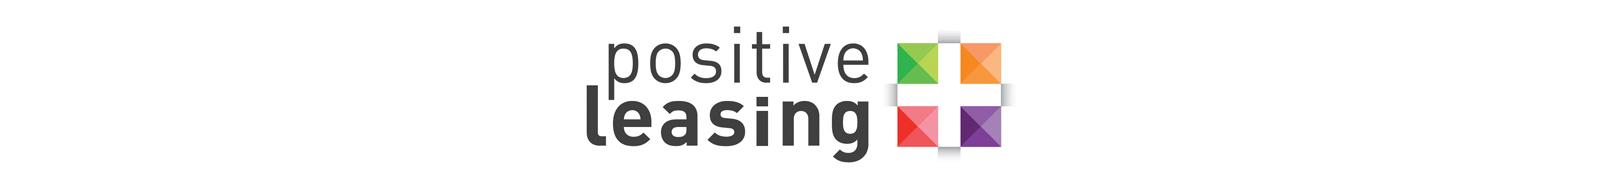 PositiveLeasing_Bandeau_4